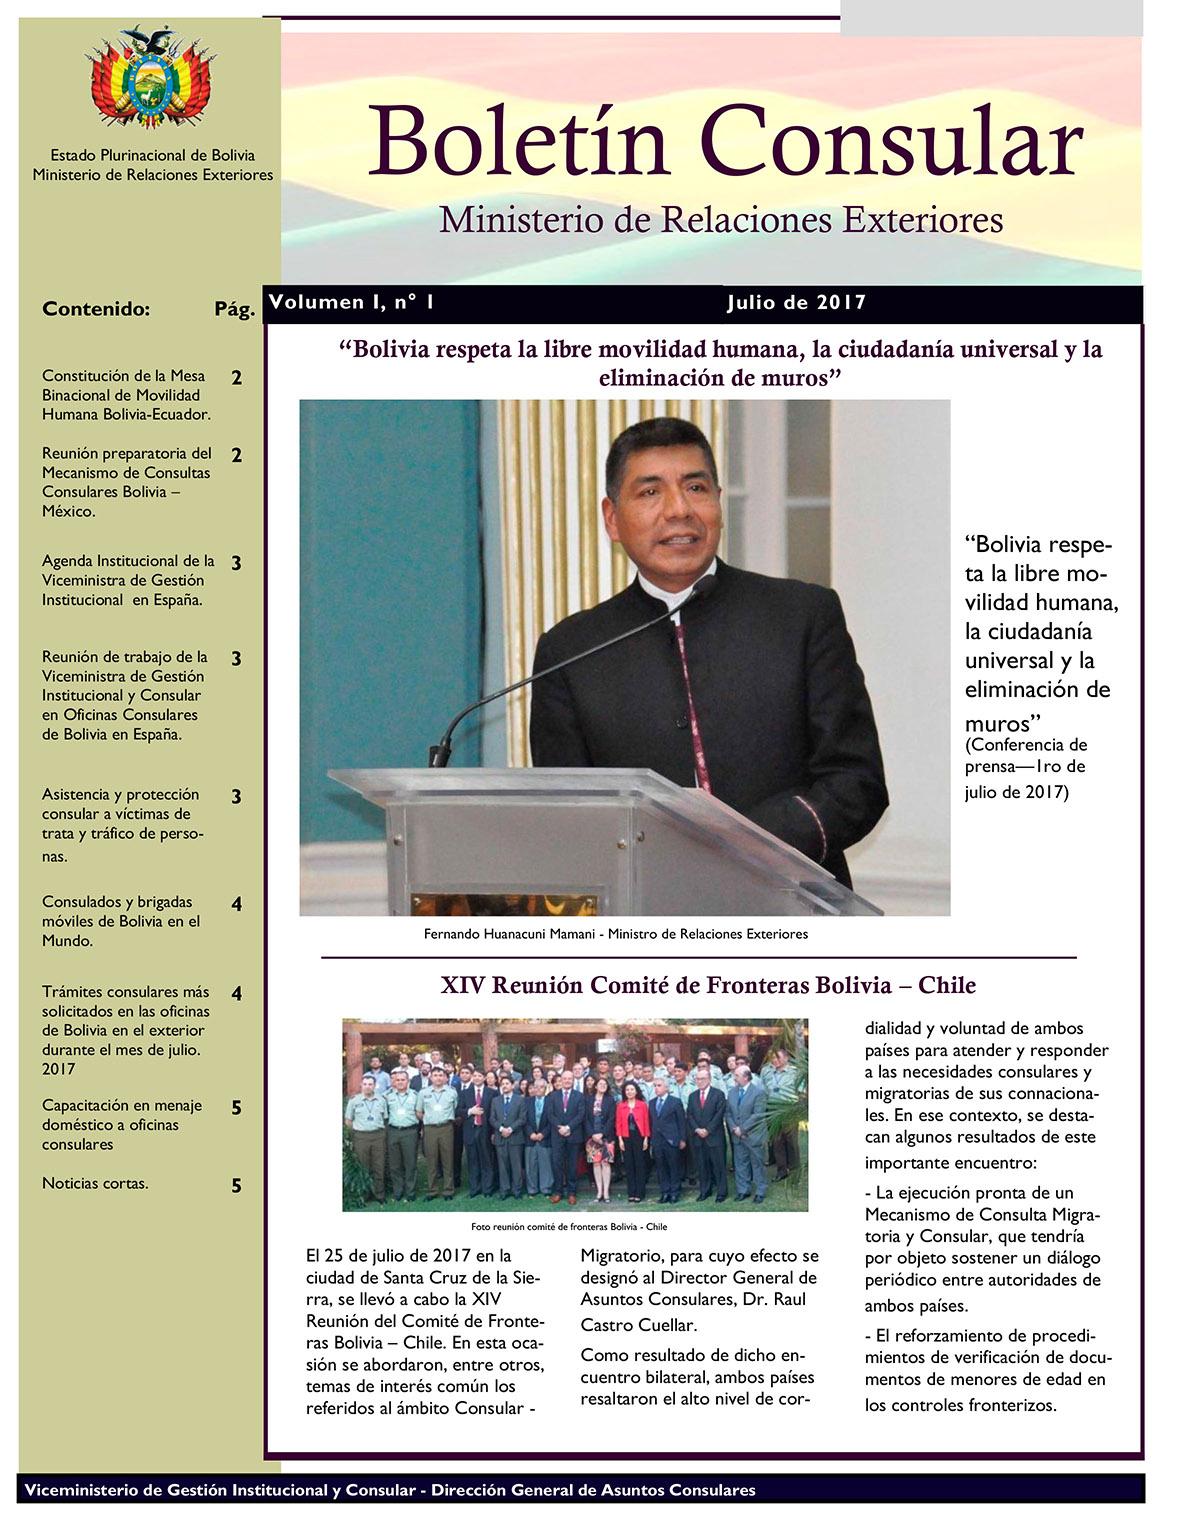 Boletines consulares ministerio de relaciones exteriores for Oposiciones ministerio de exteriores